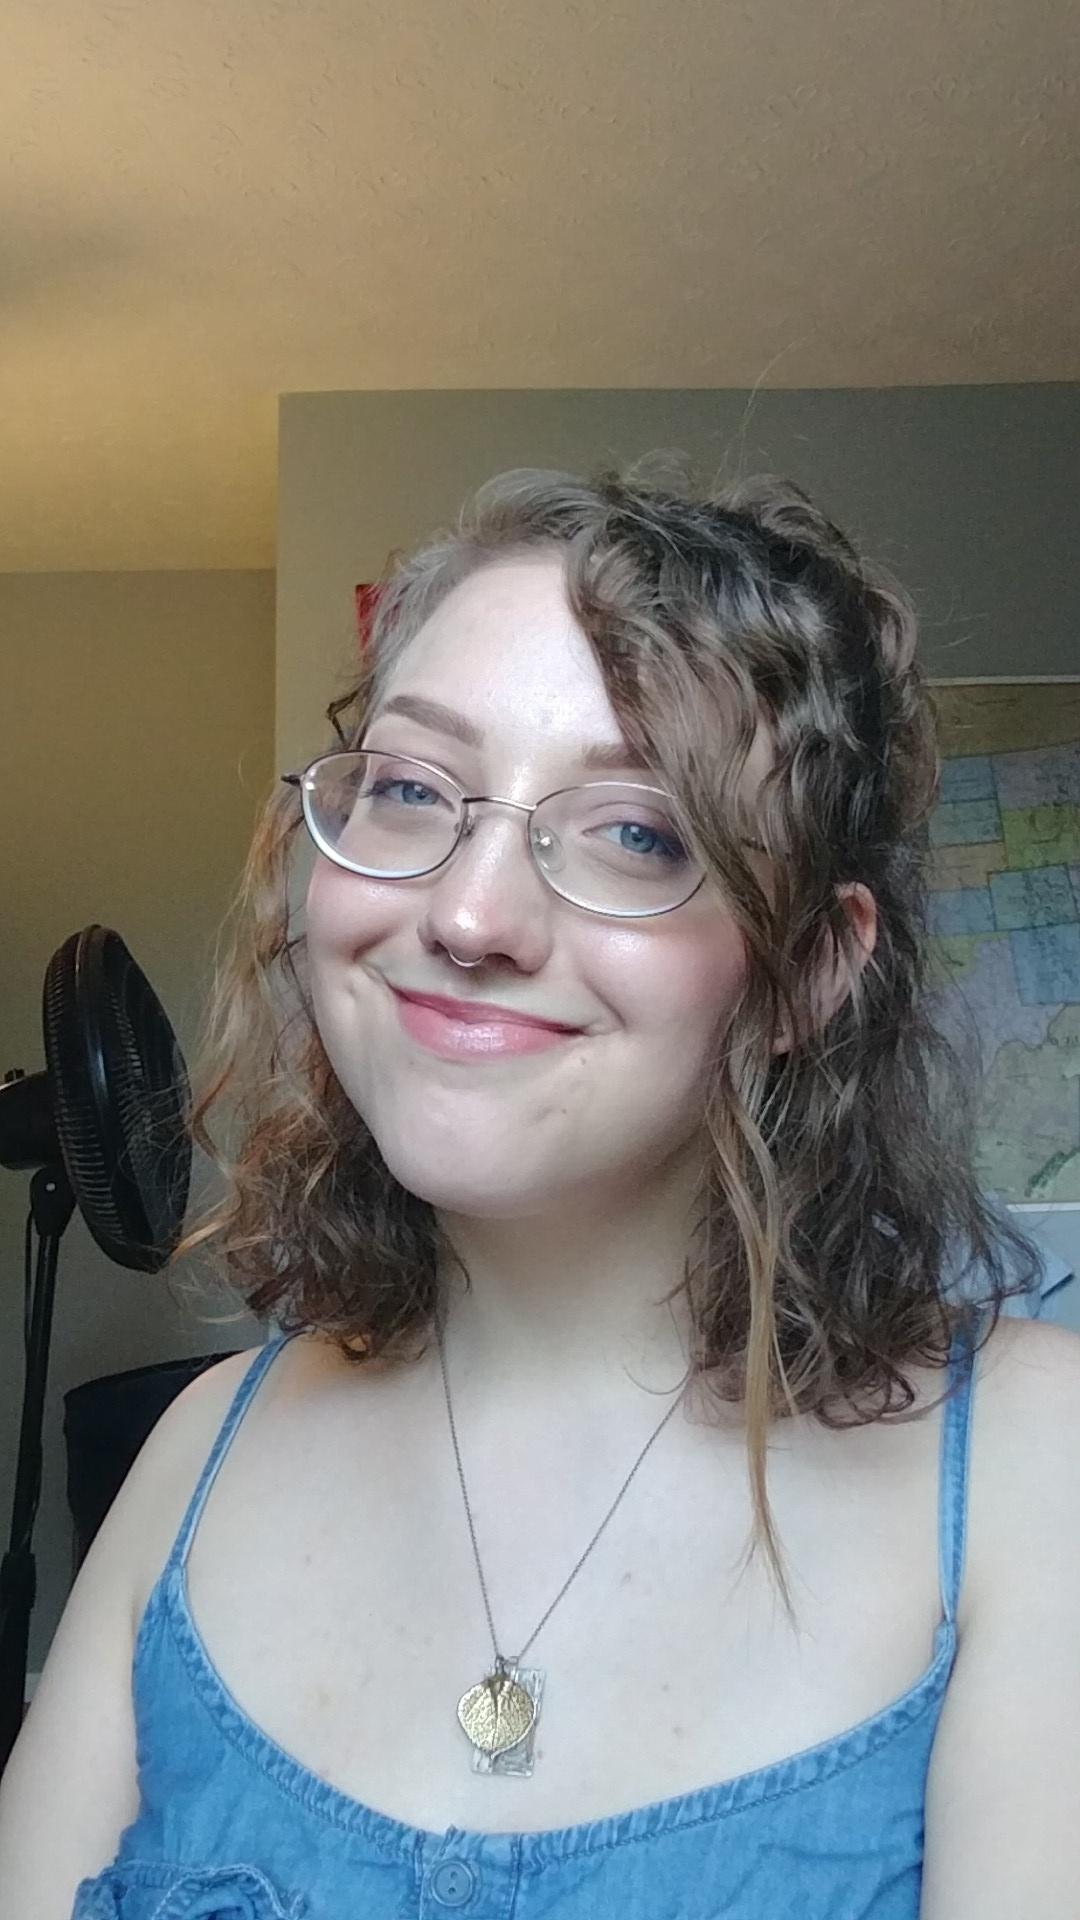 Photograph of Julie Graffice